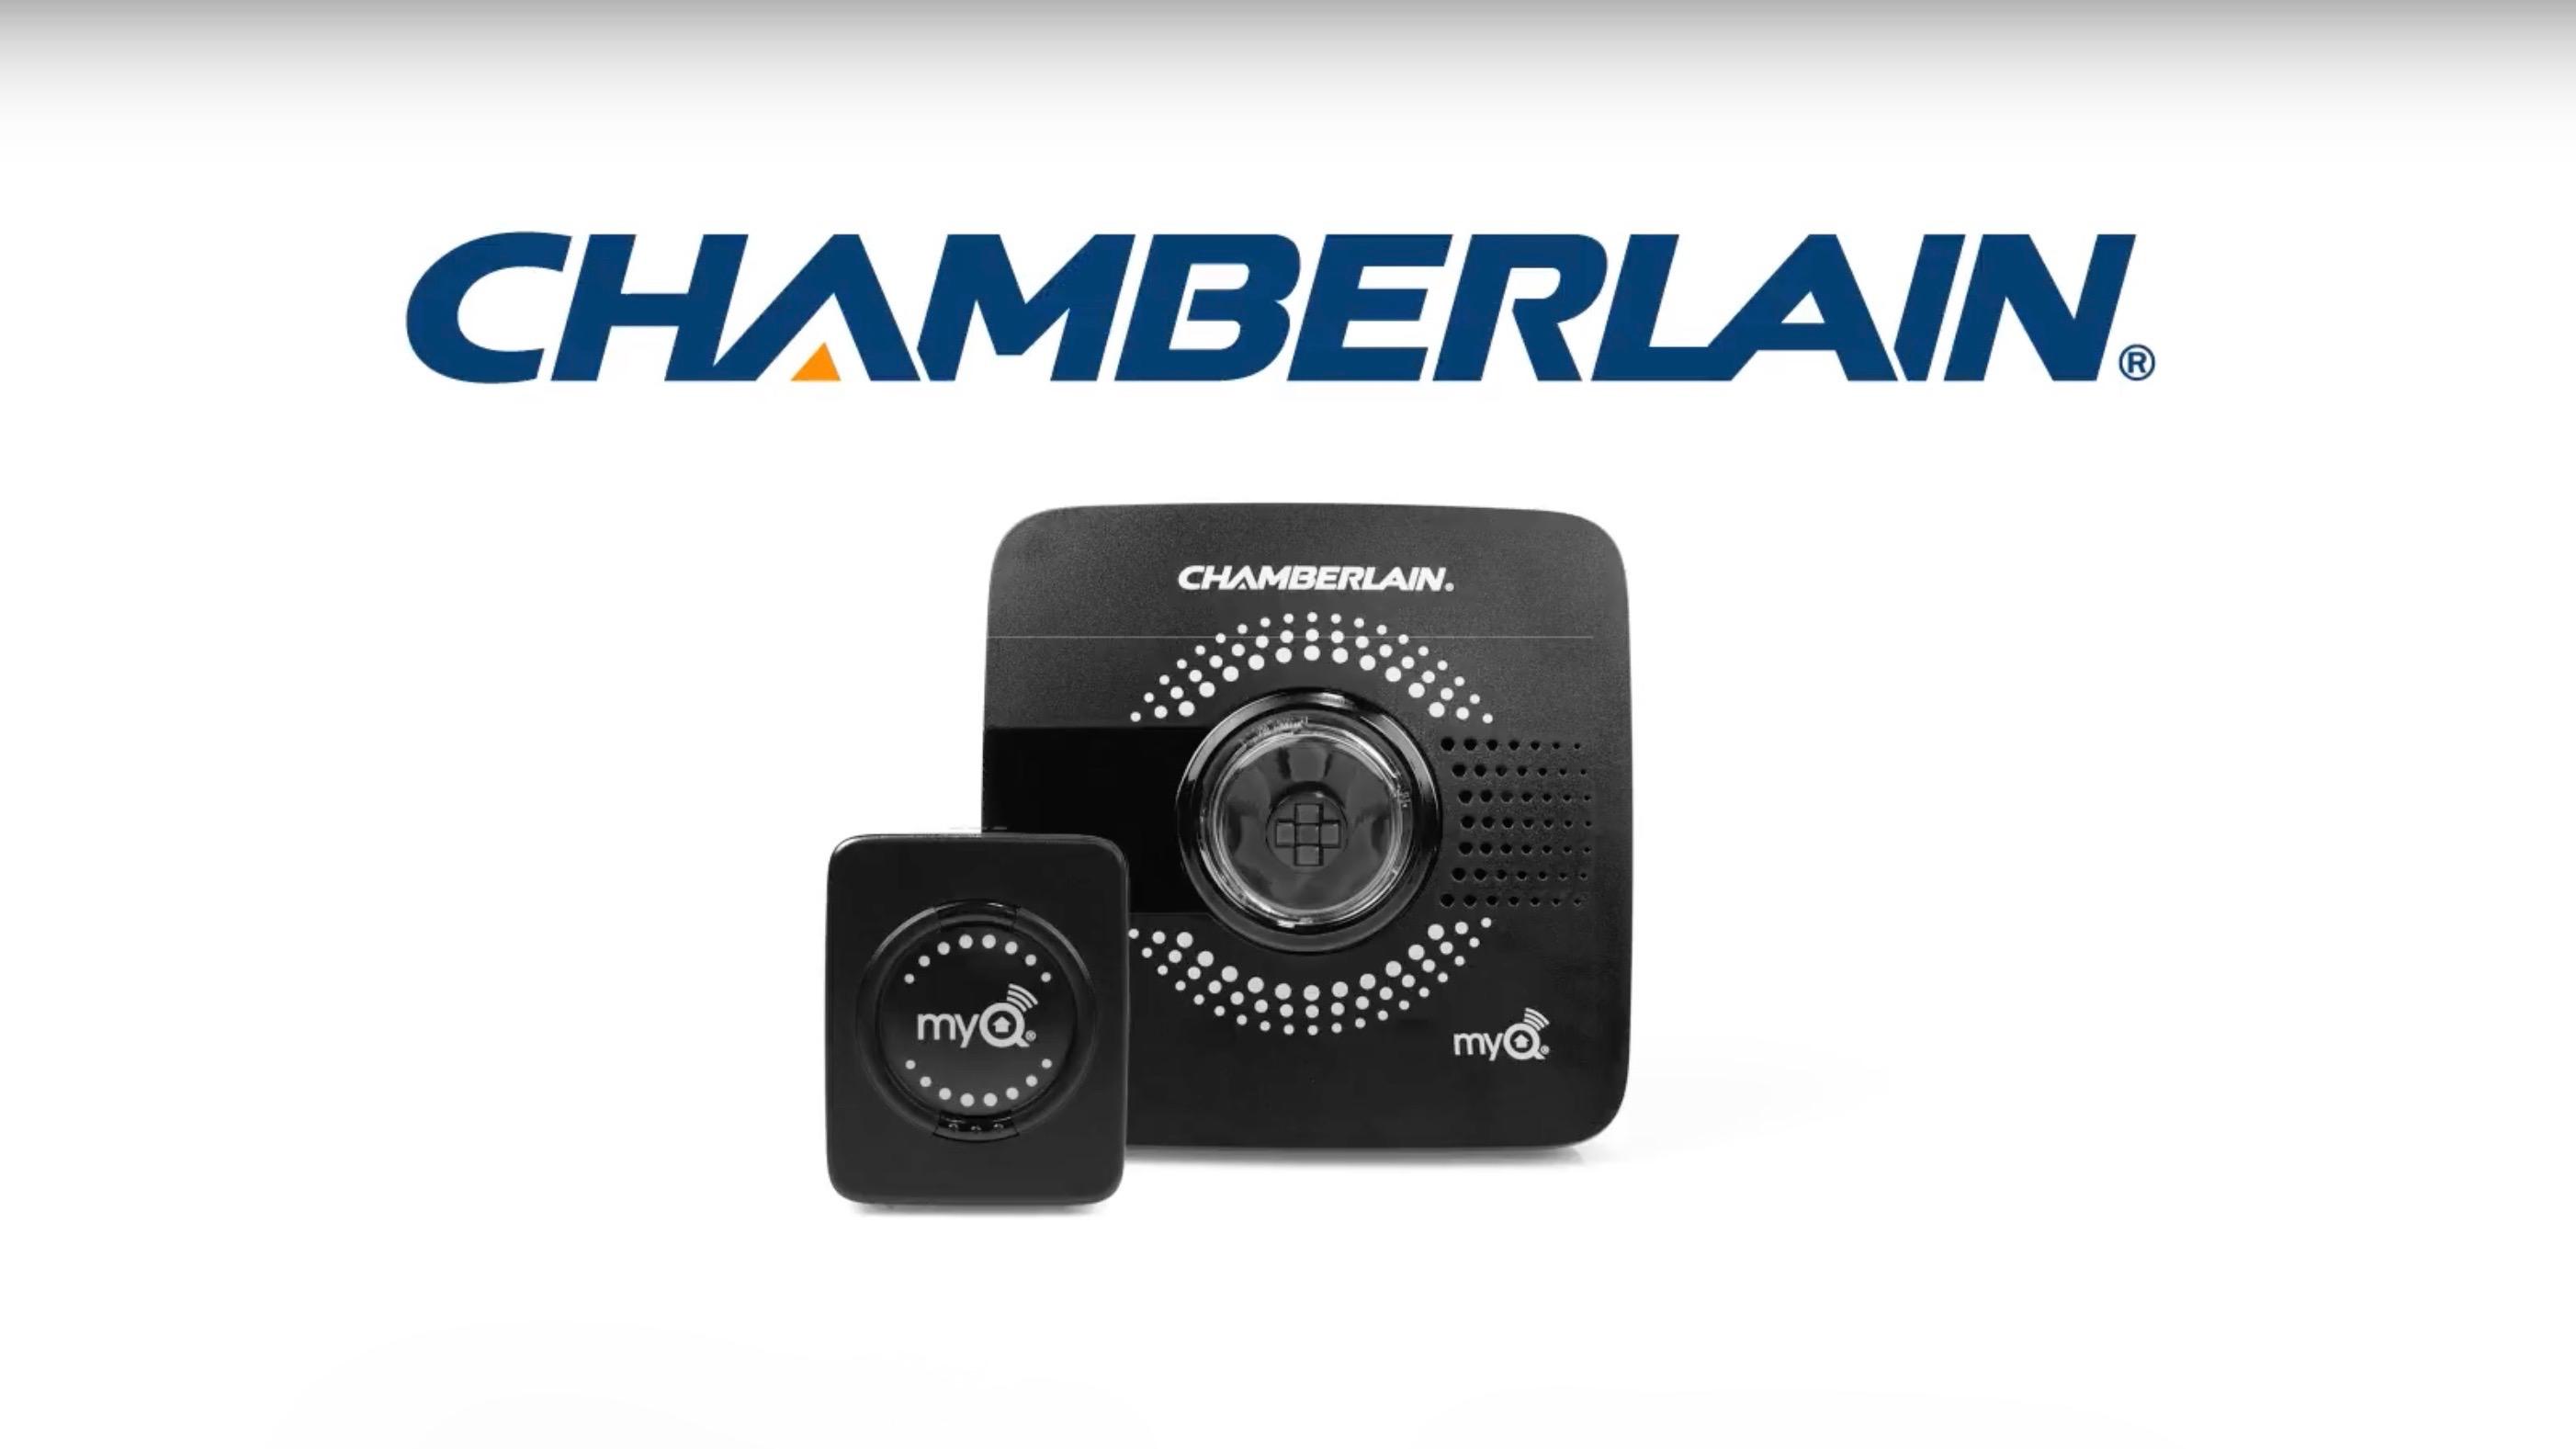 Chamberlainu0027s MyQ Smart Garage Hub And MyQ Home Bridge Bring HomeKit To  Almost Any Garage Door